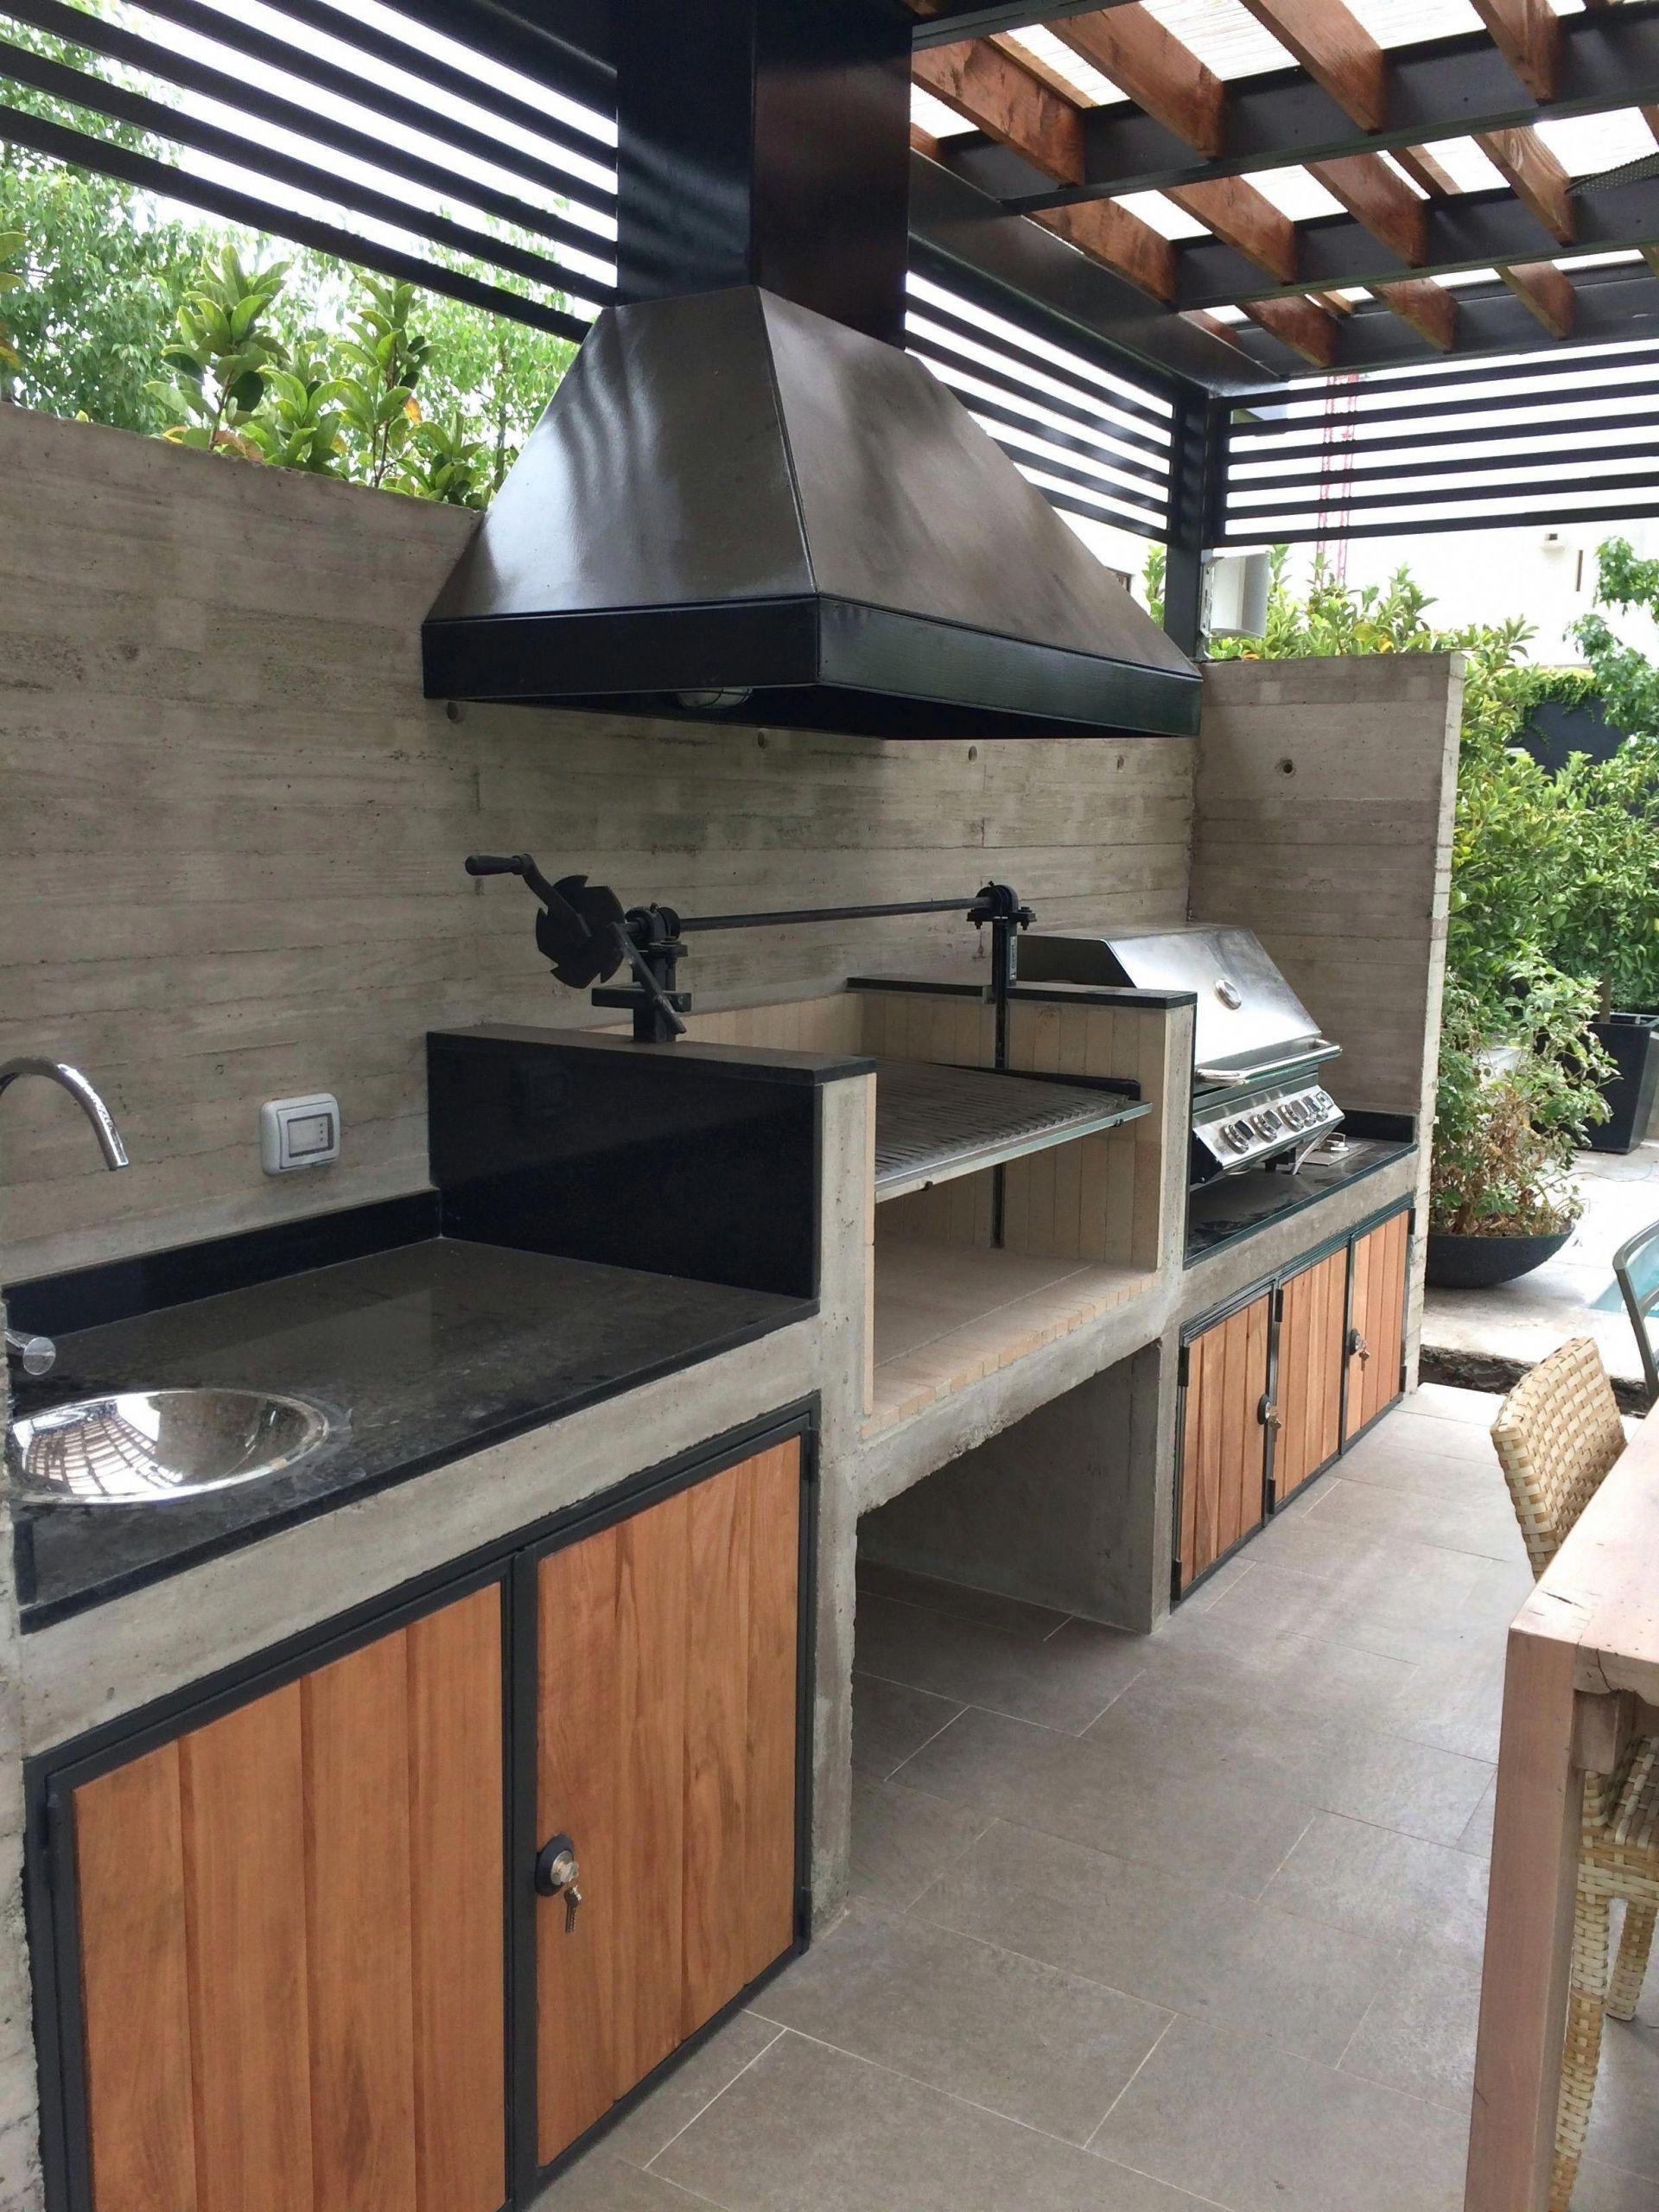 Outdoor Kitchen Design Outdoor Kitchen Design Diy Outdoor Kitchen Design Floor Plans Outdo Outdoor Kitchen Design Outdoor Kitchen Countertops Patio Kitchen